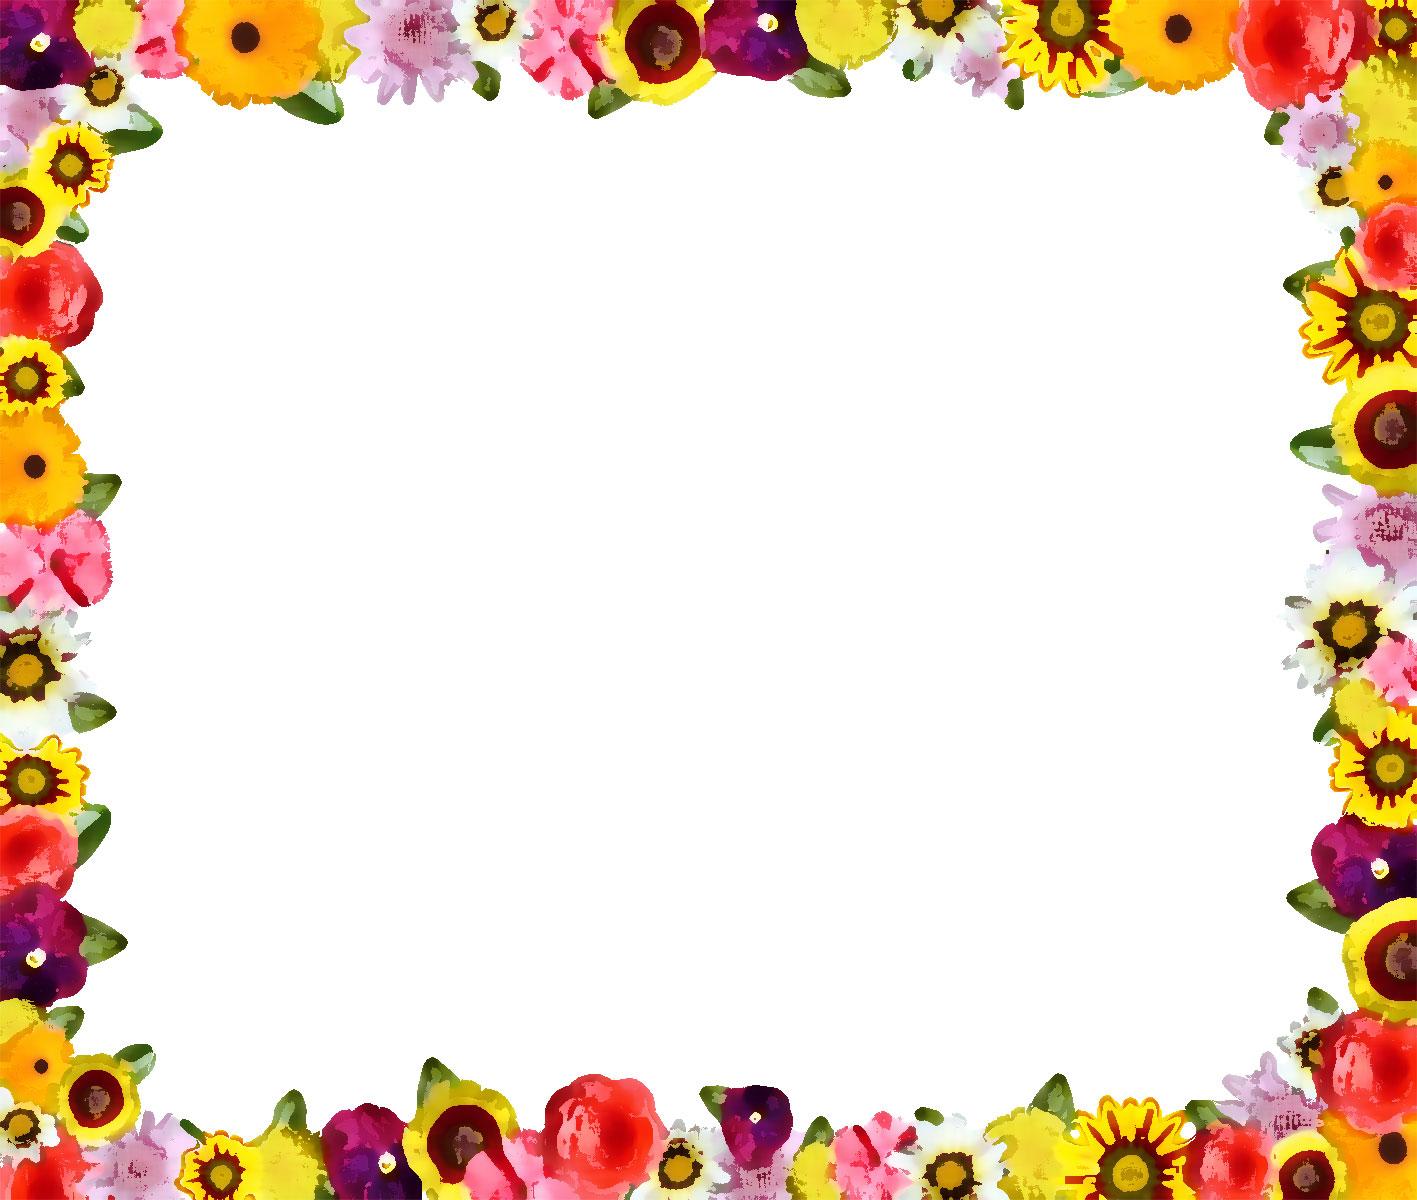 花のイラスト・フリー素材/フレーム枠no.691『カラフルフラワー・小』